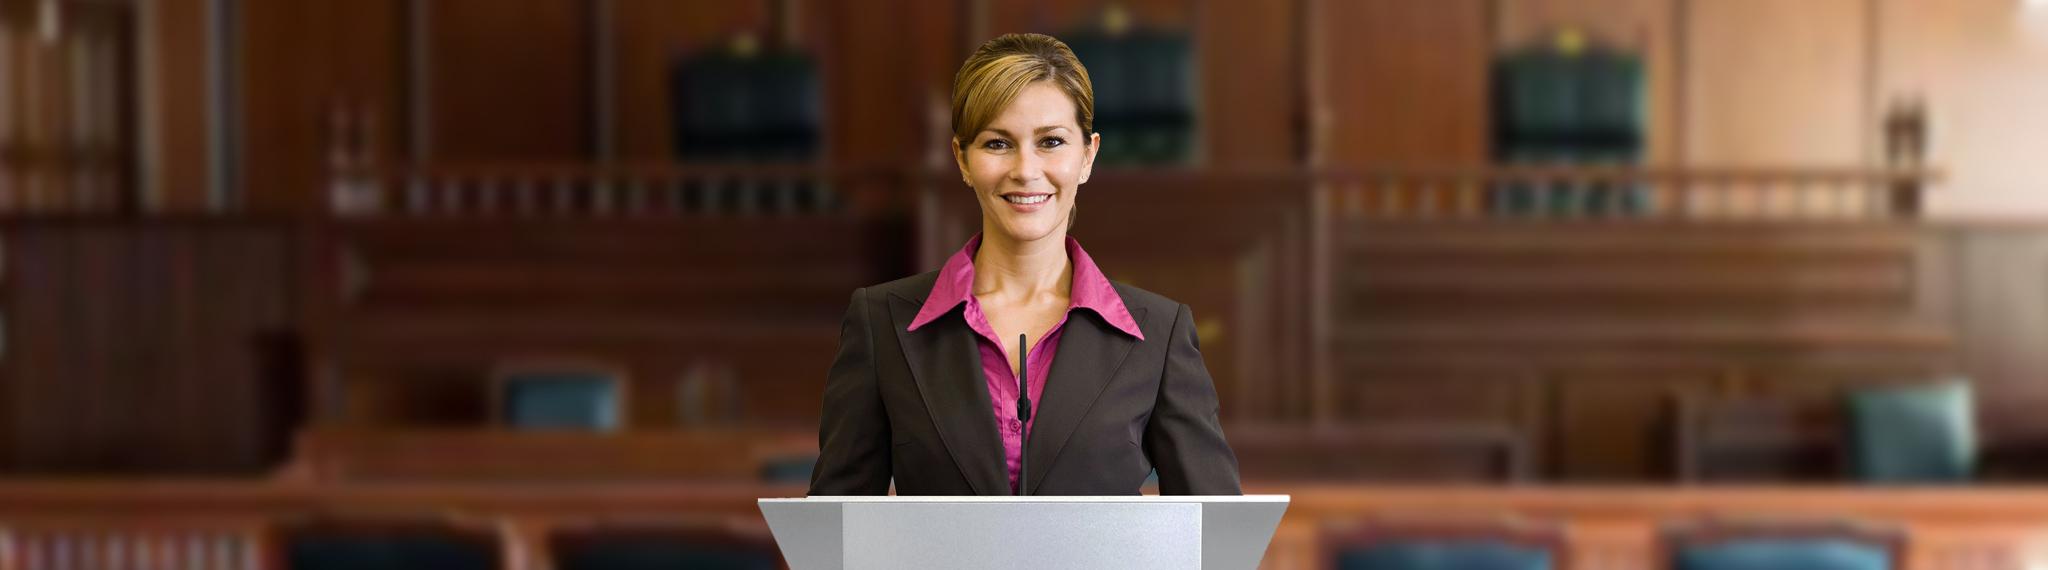 Maestría en Derecho con Especialización en Derecho Penal